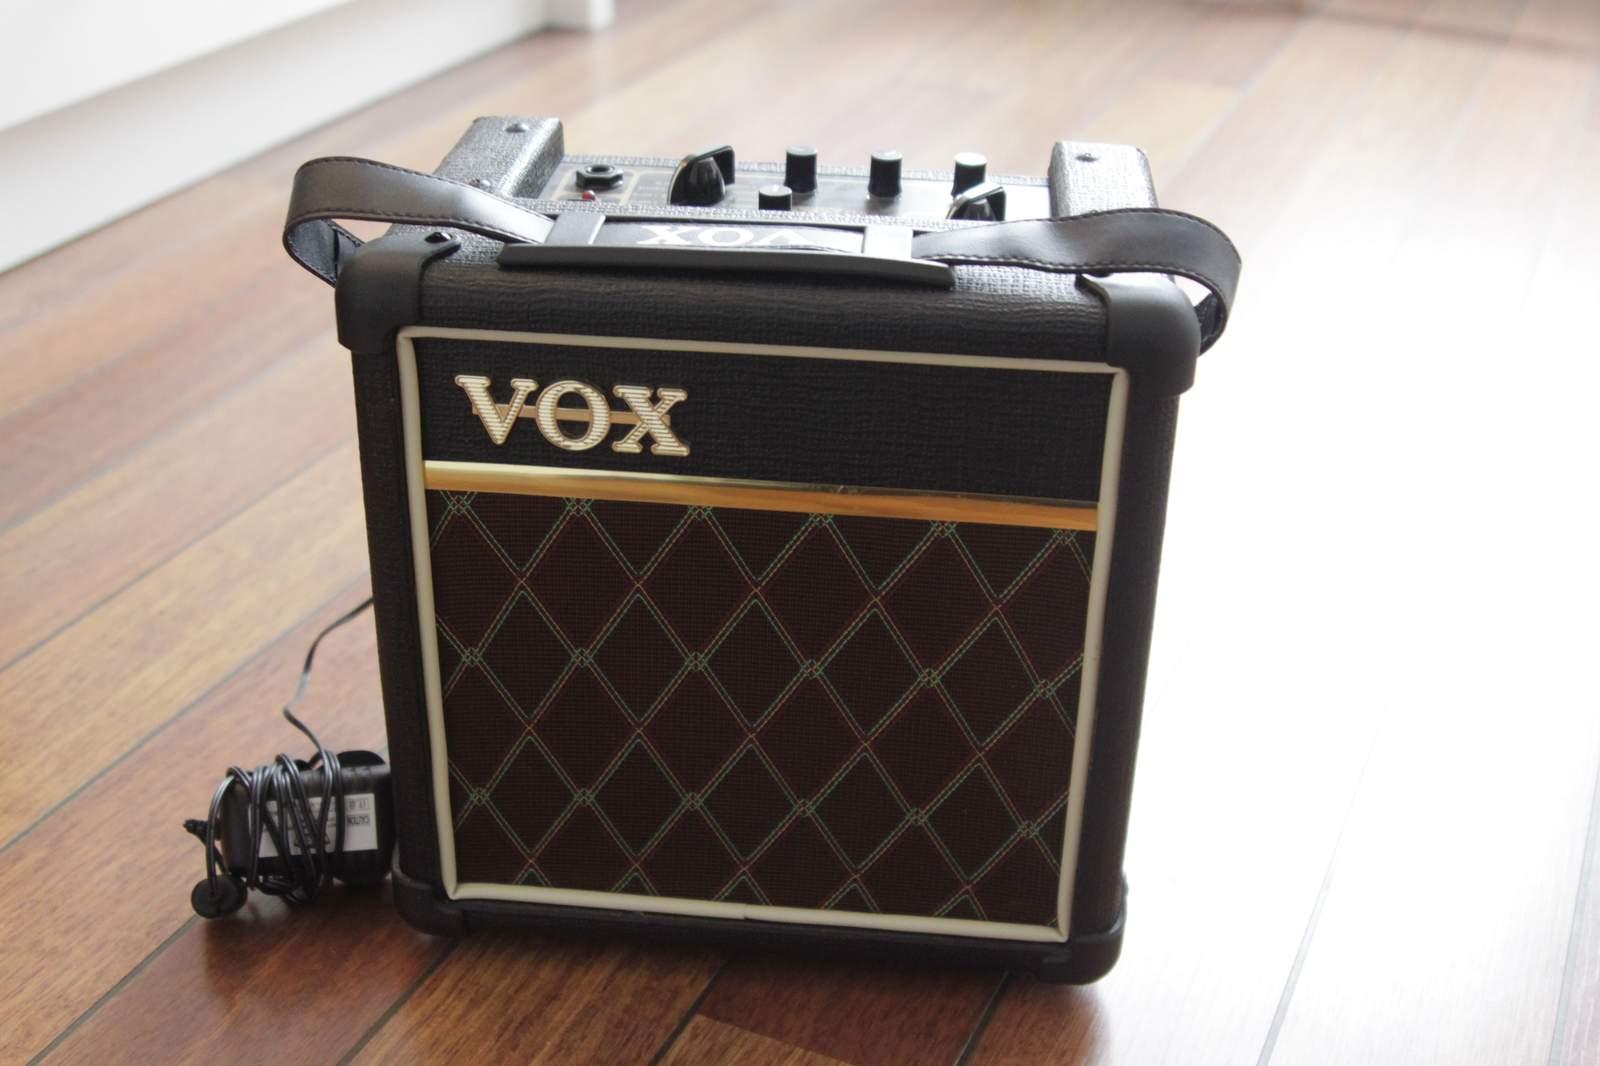 vox-da5-159658.jpg